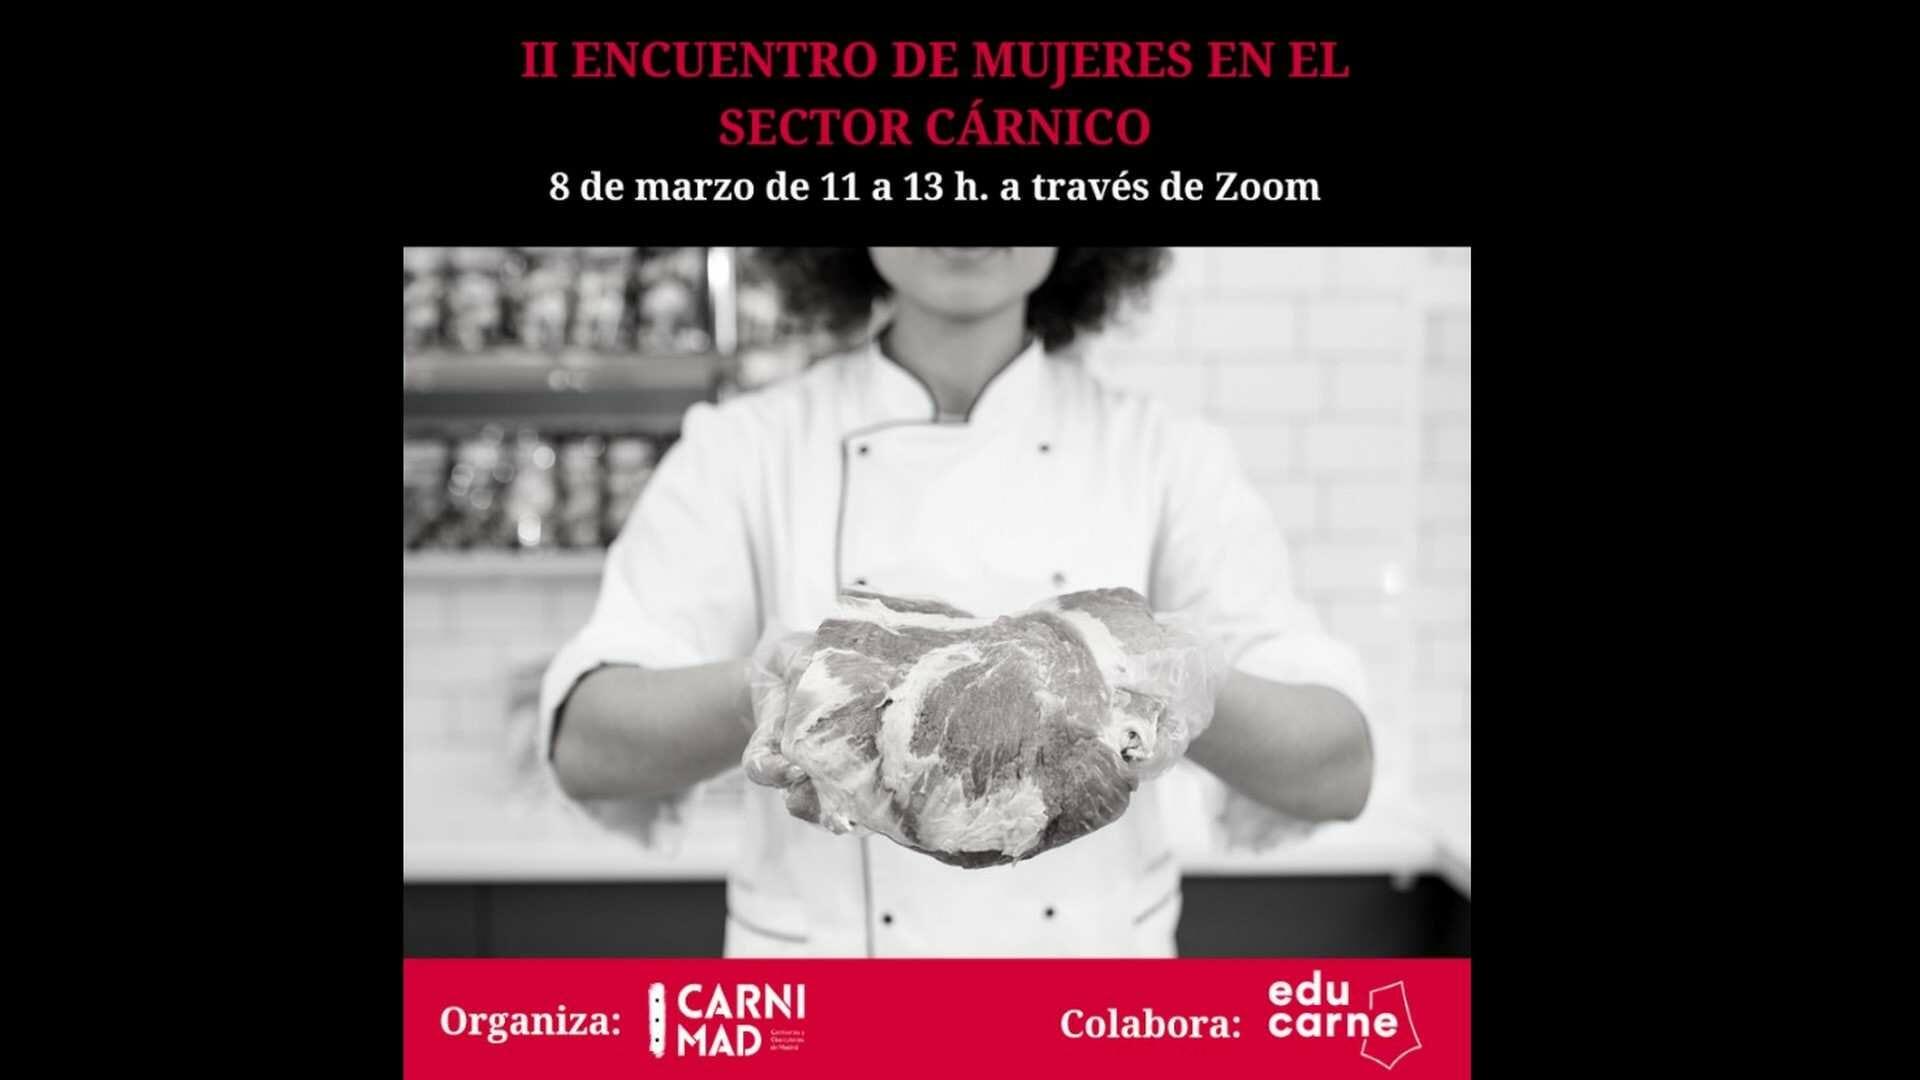 II ENCUENTRO DE MUJERES EN EL SECTOR CÁRNICO